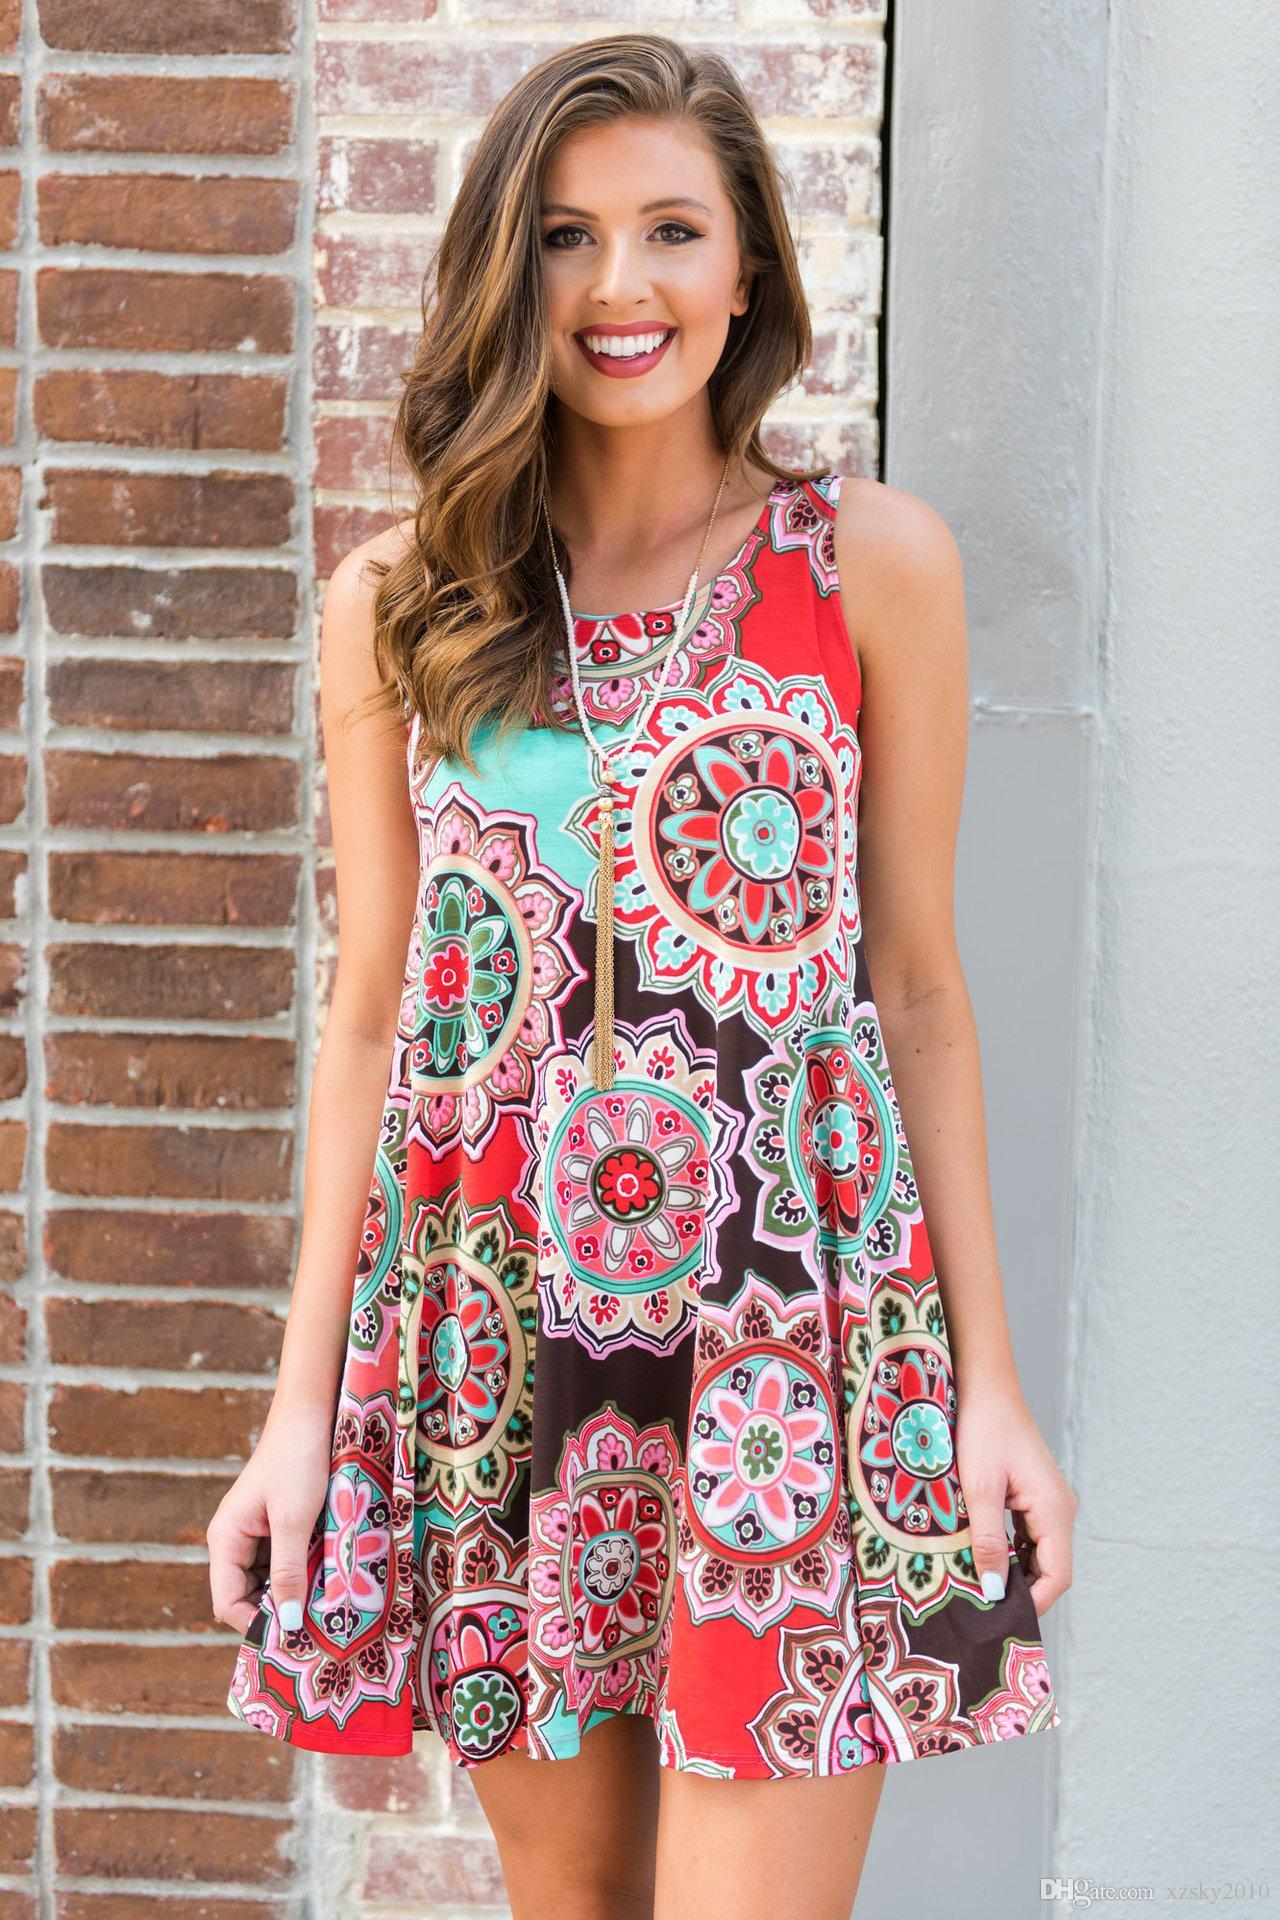 Vestido sin mangas con estampado floral, estampado floral, vestido boho Vestido de fiesta Vestido largo de fiesta Vestido largo de verano Vestido informal Vestidos casuales